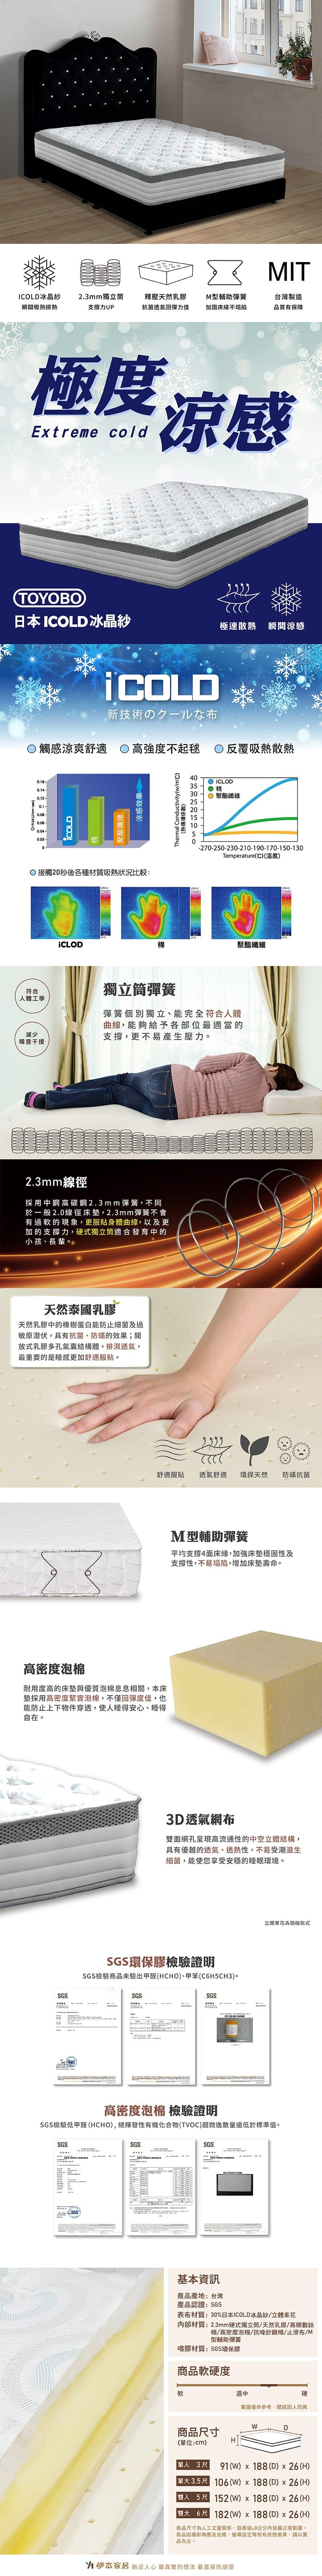 冰晶紗涼感乳膠獨立筒床墊 單人加大3.5(鑽石系列)